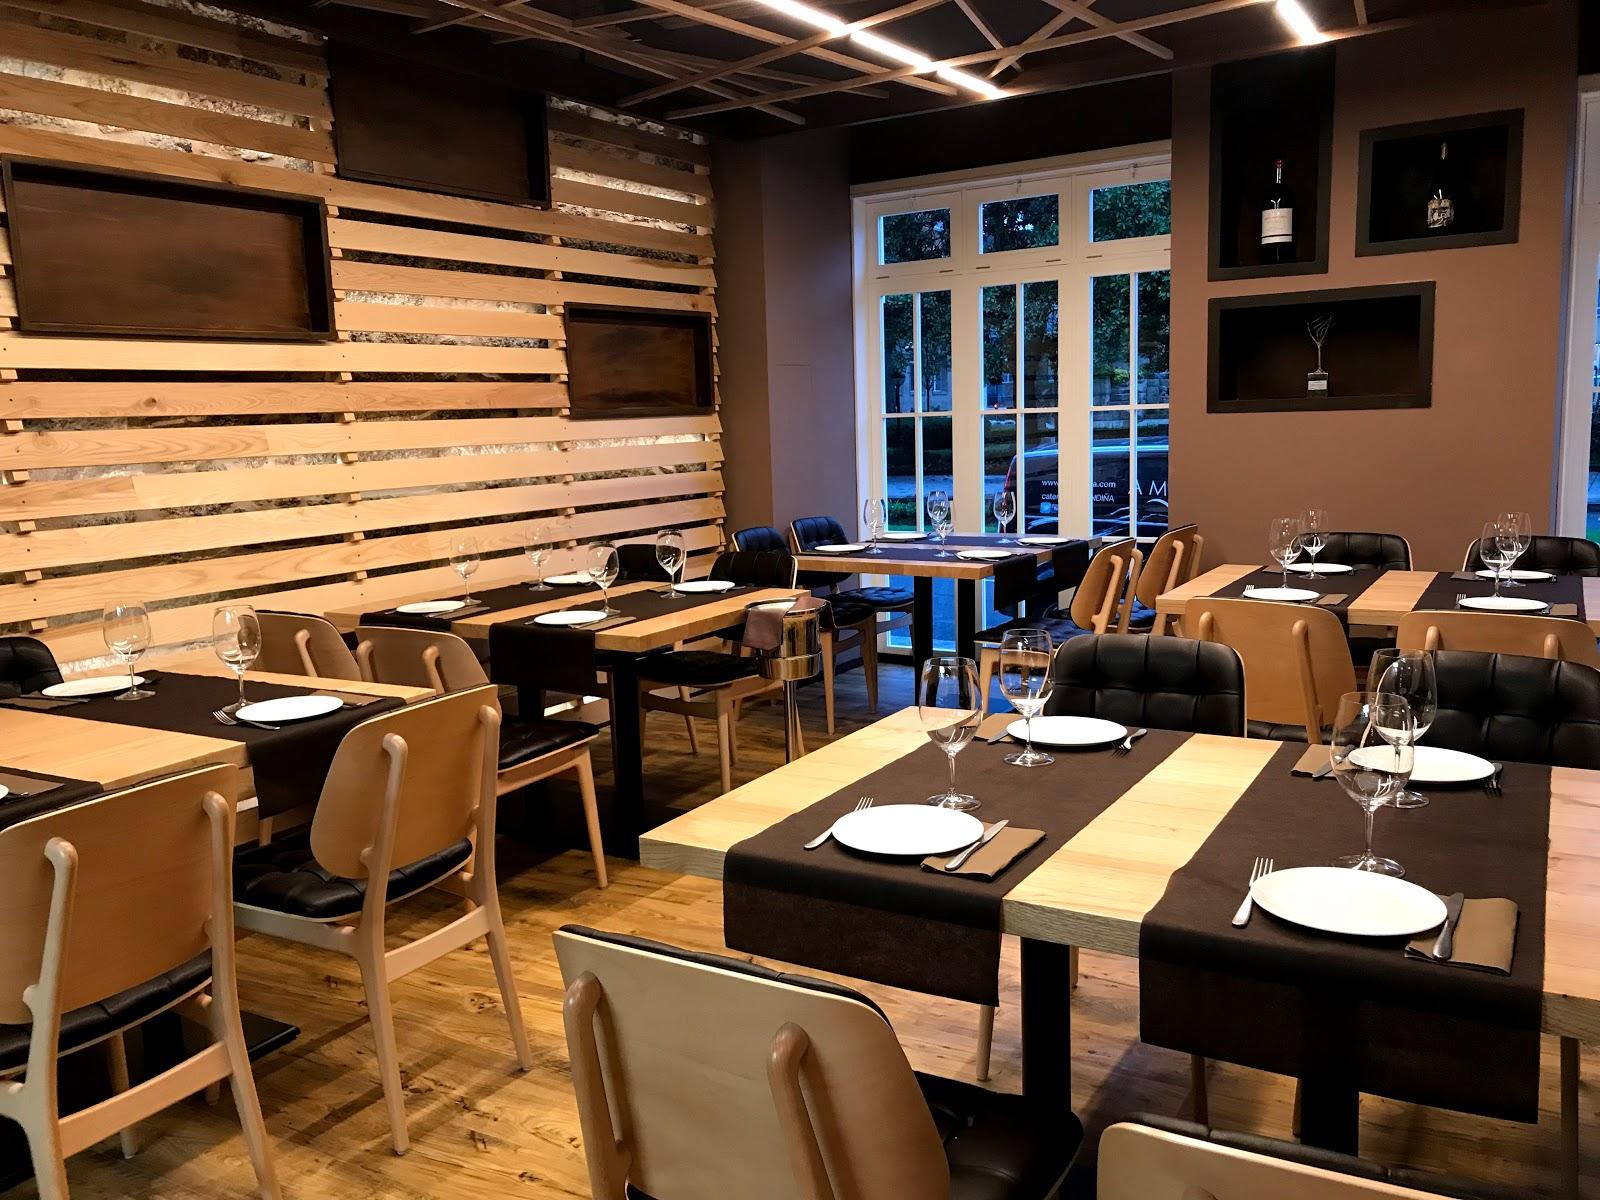 Restaurante Pazo de Andeade